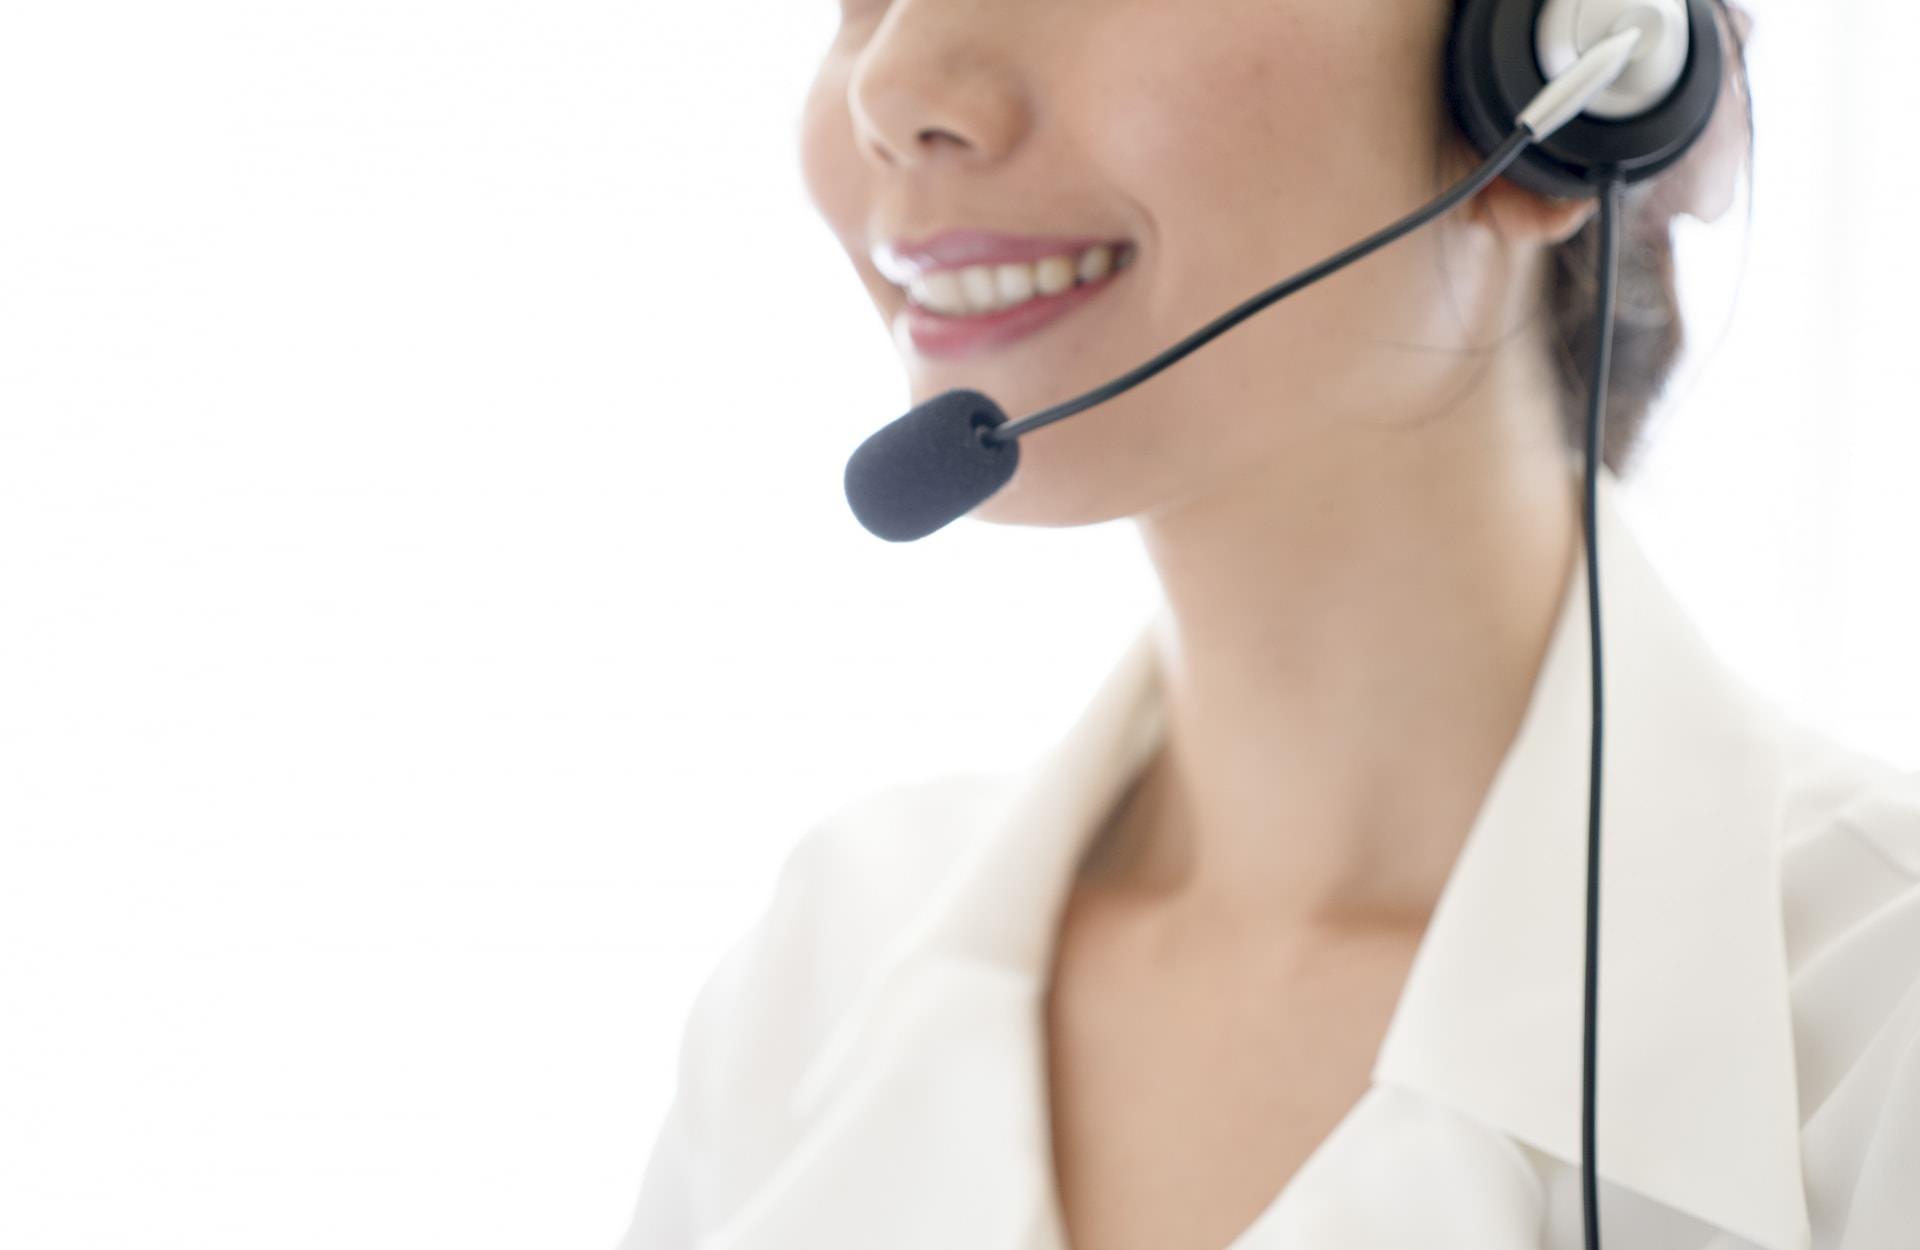 電話で先方の声が聞き取りにくい時のコールセンターの対応策を教えます